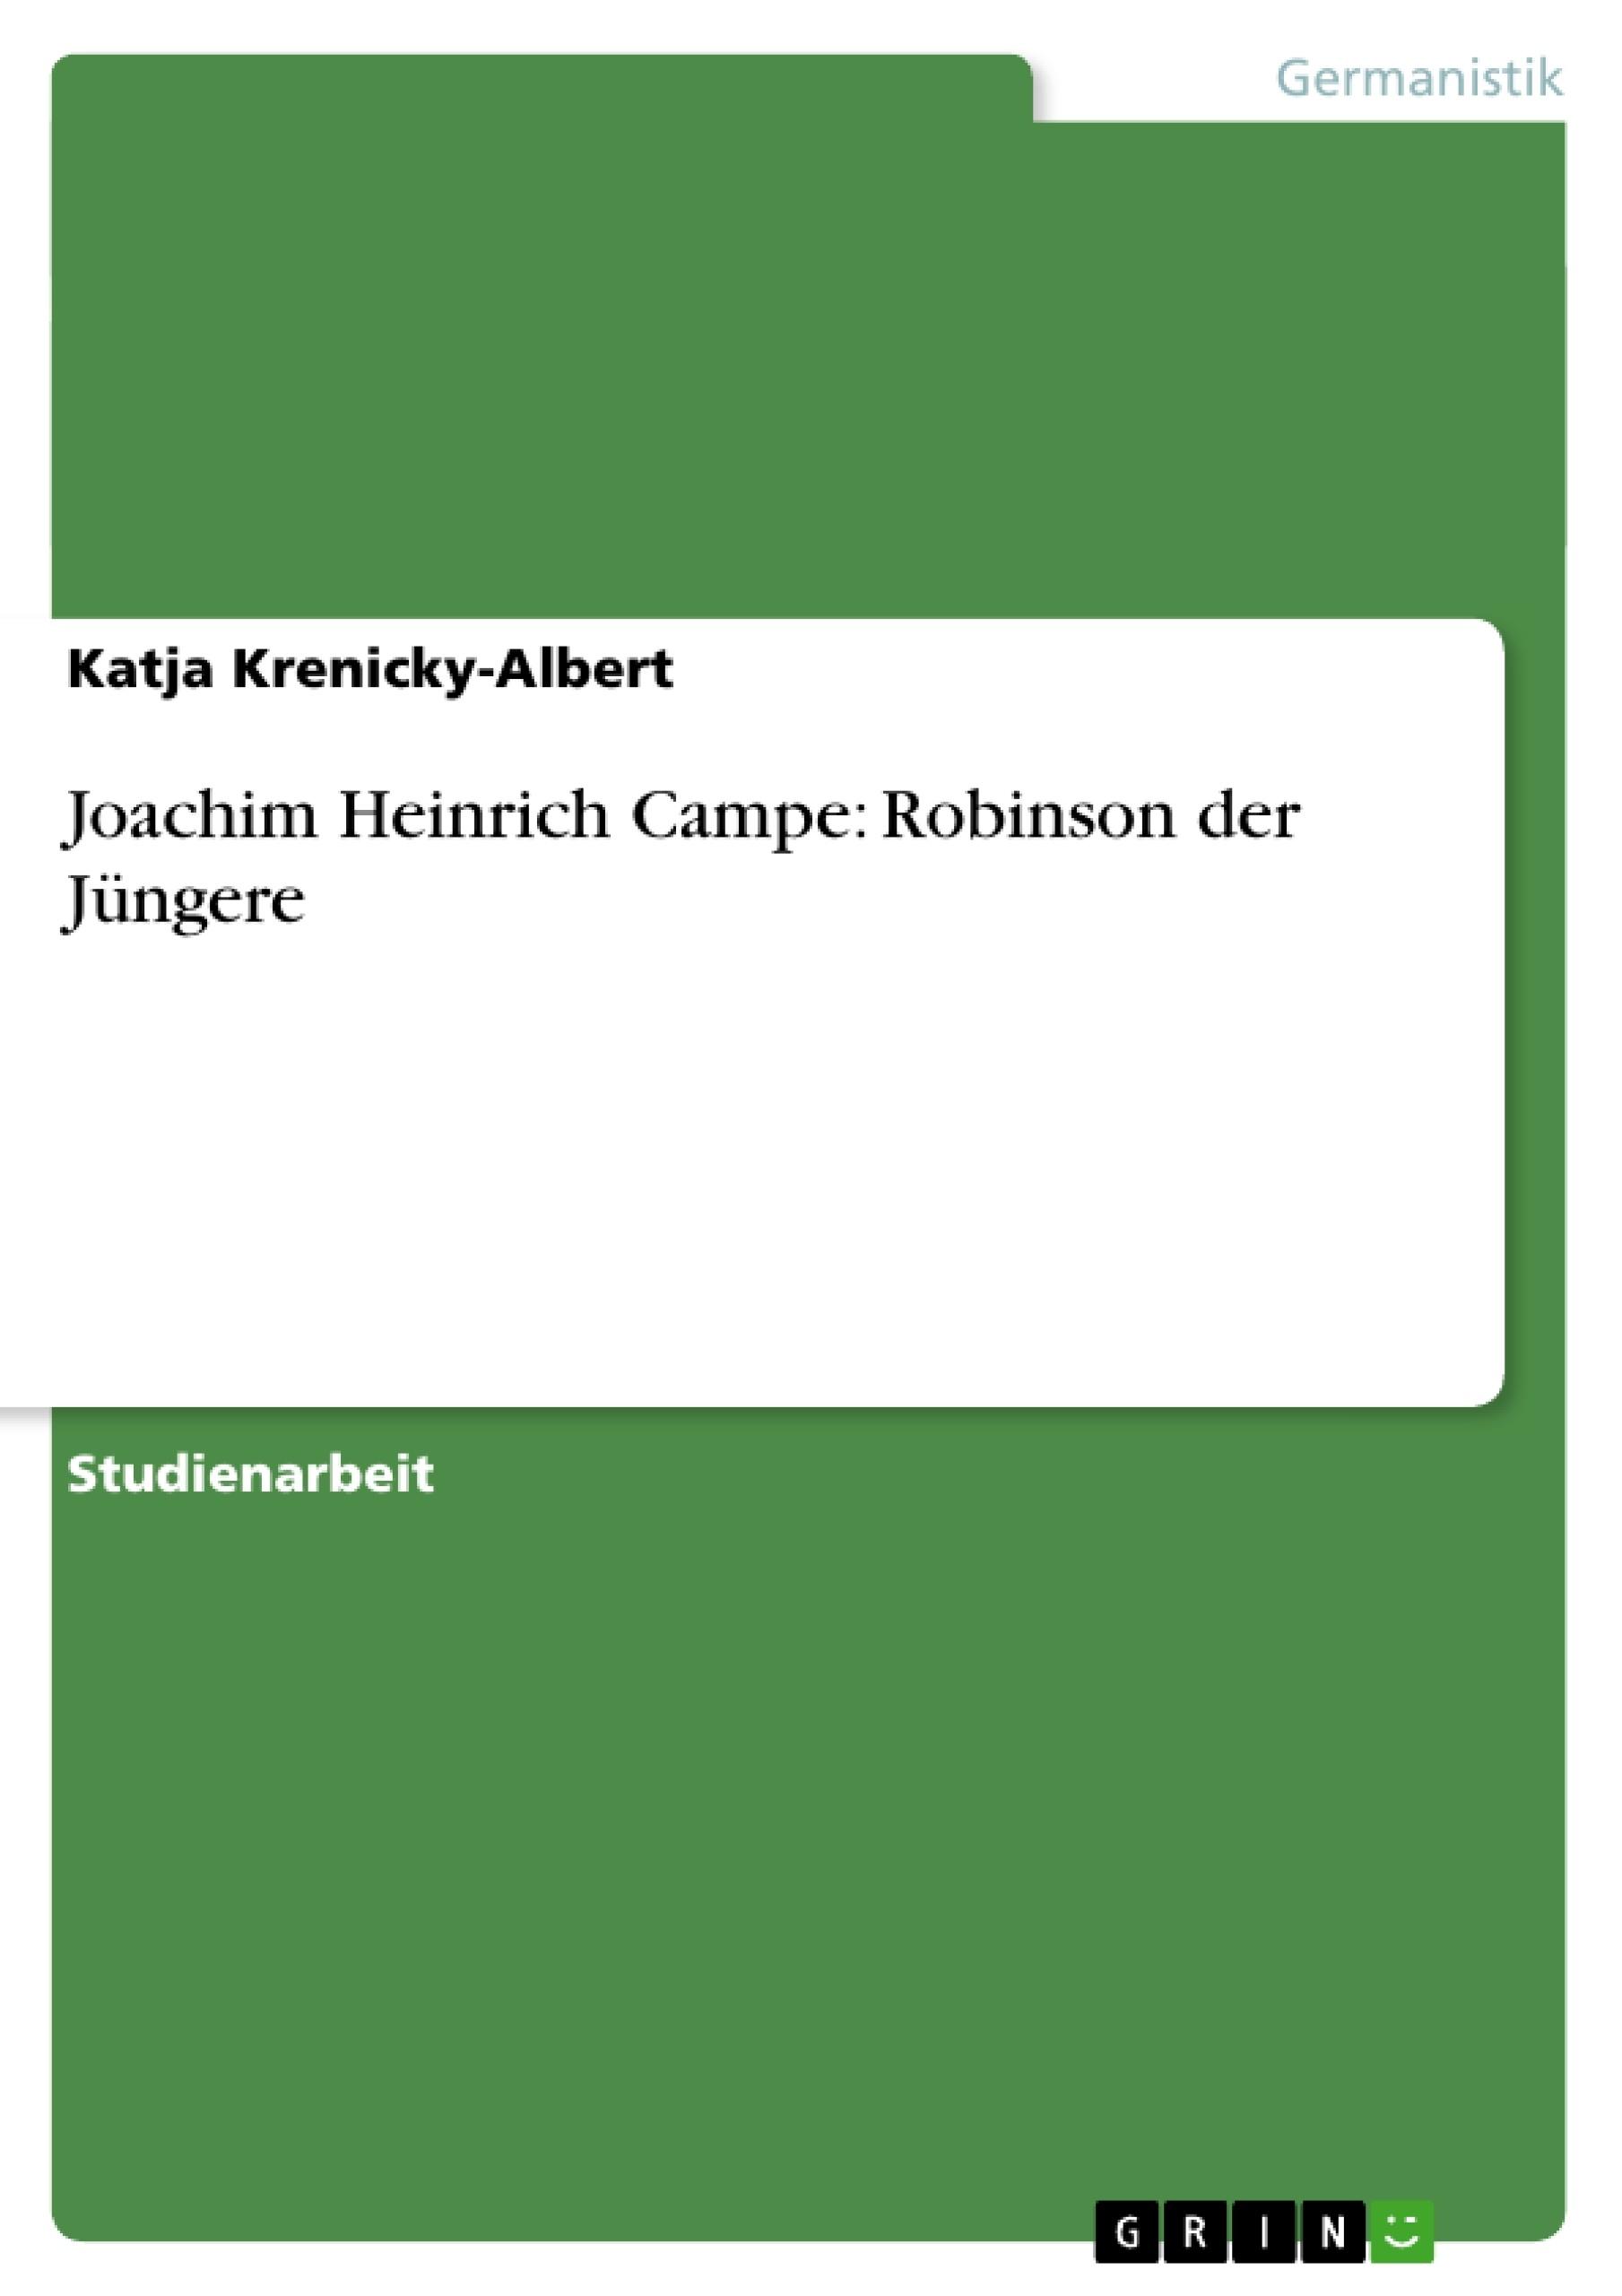 Titel: Joachim Heinrich Campe: Robinson der Jüngere